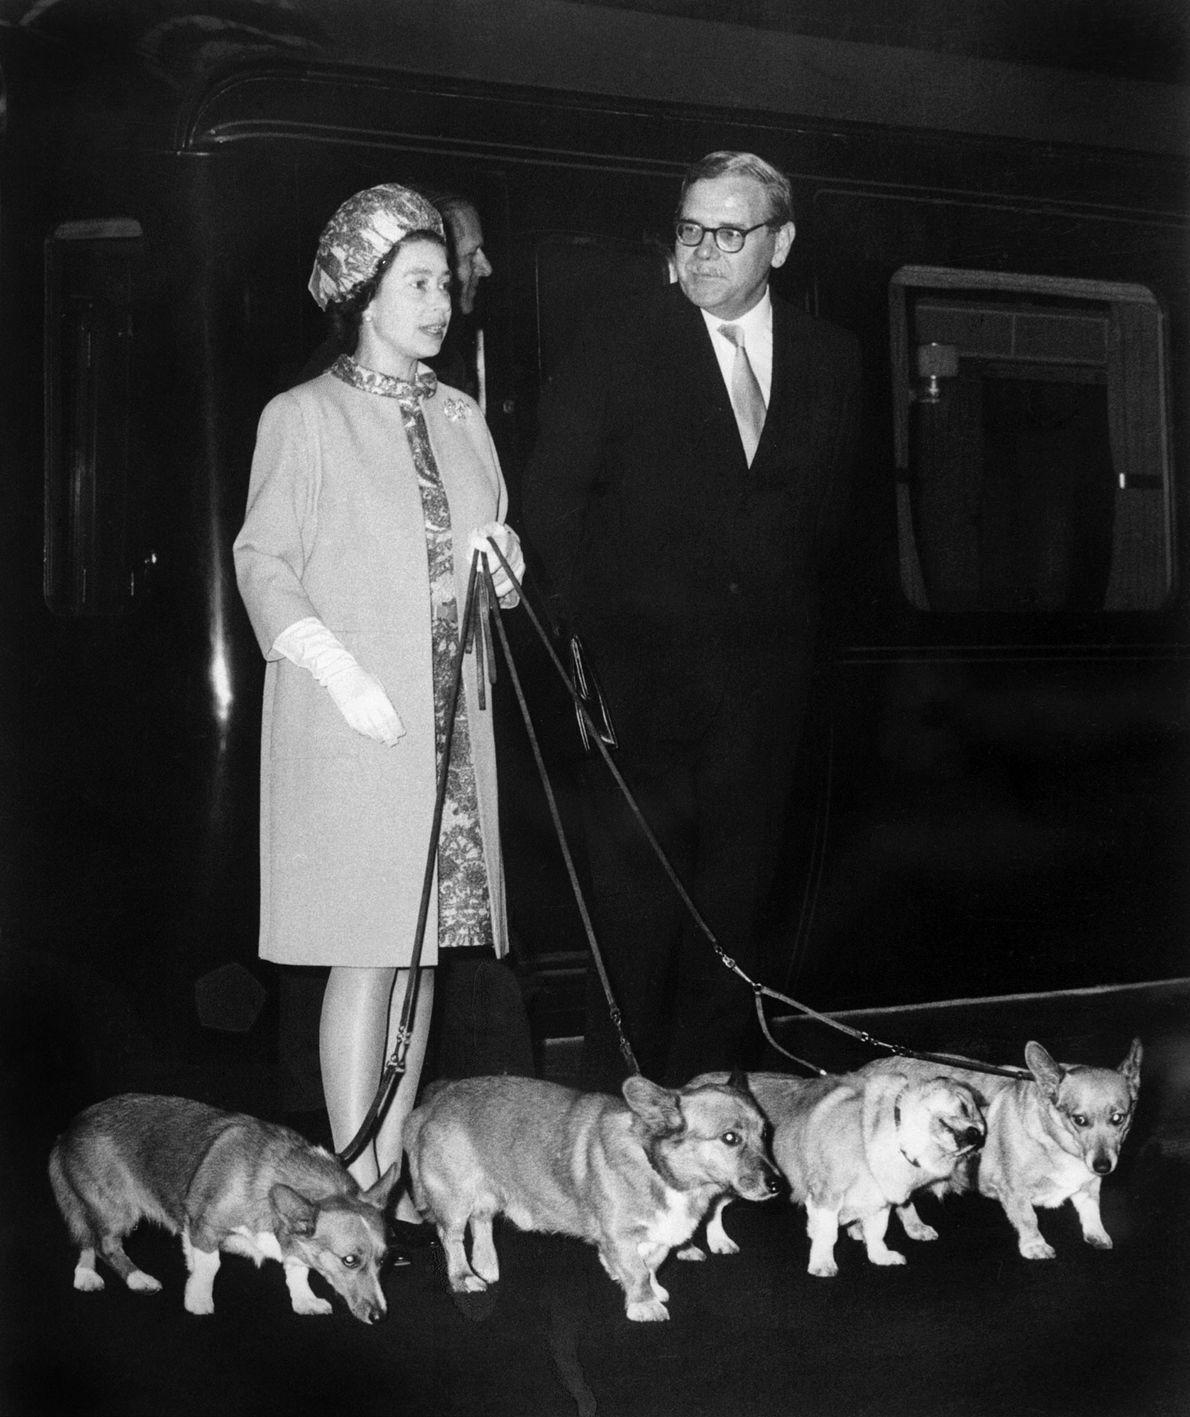 Imagen de la Reina Isabel II llegando a la estación de Kings Cross en Londres